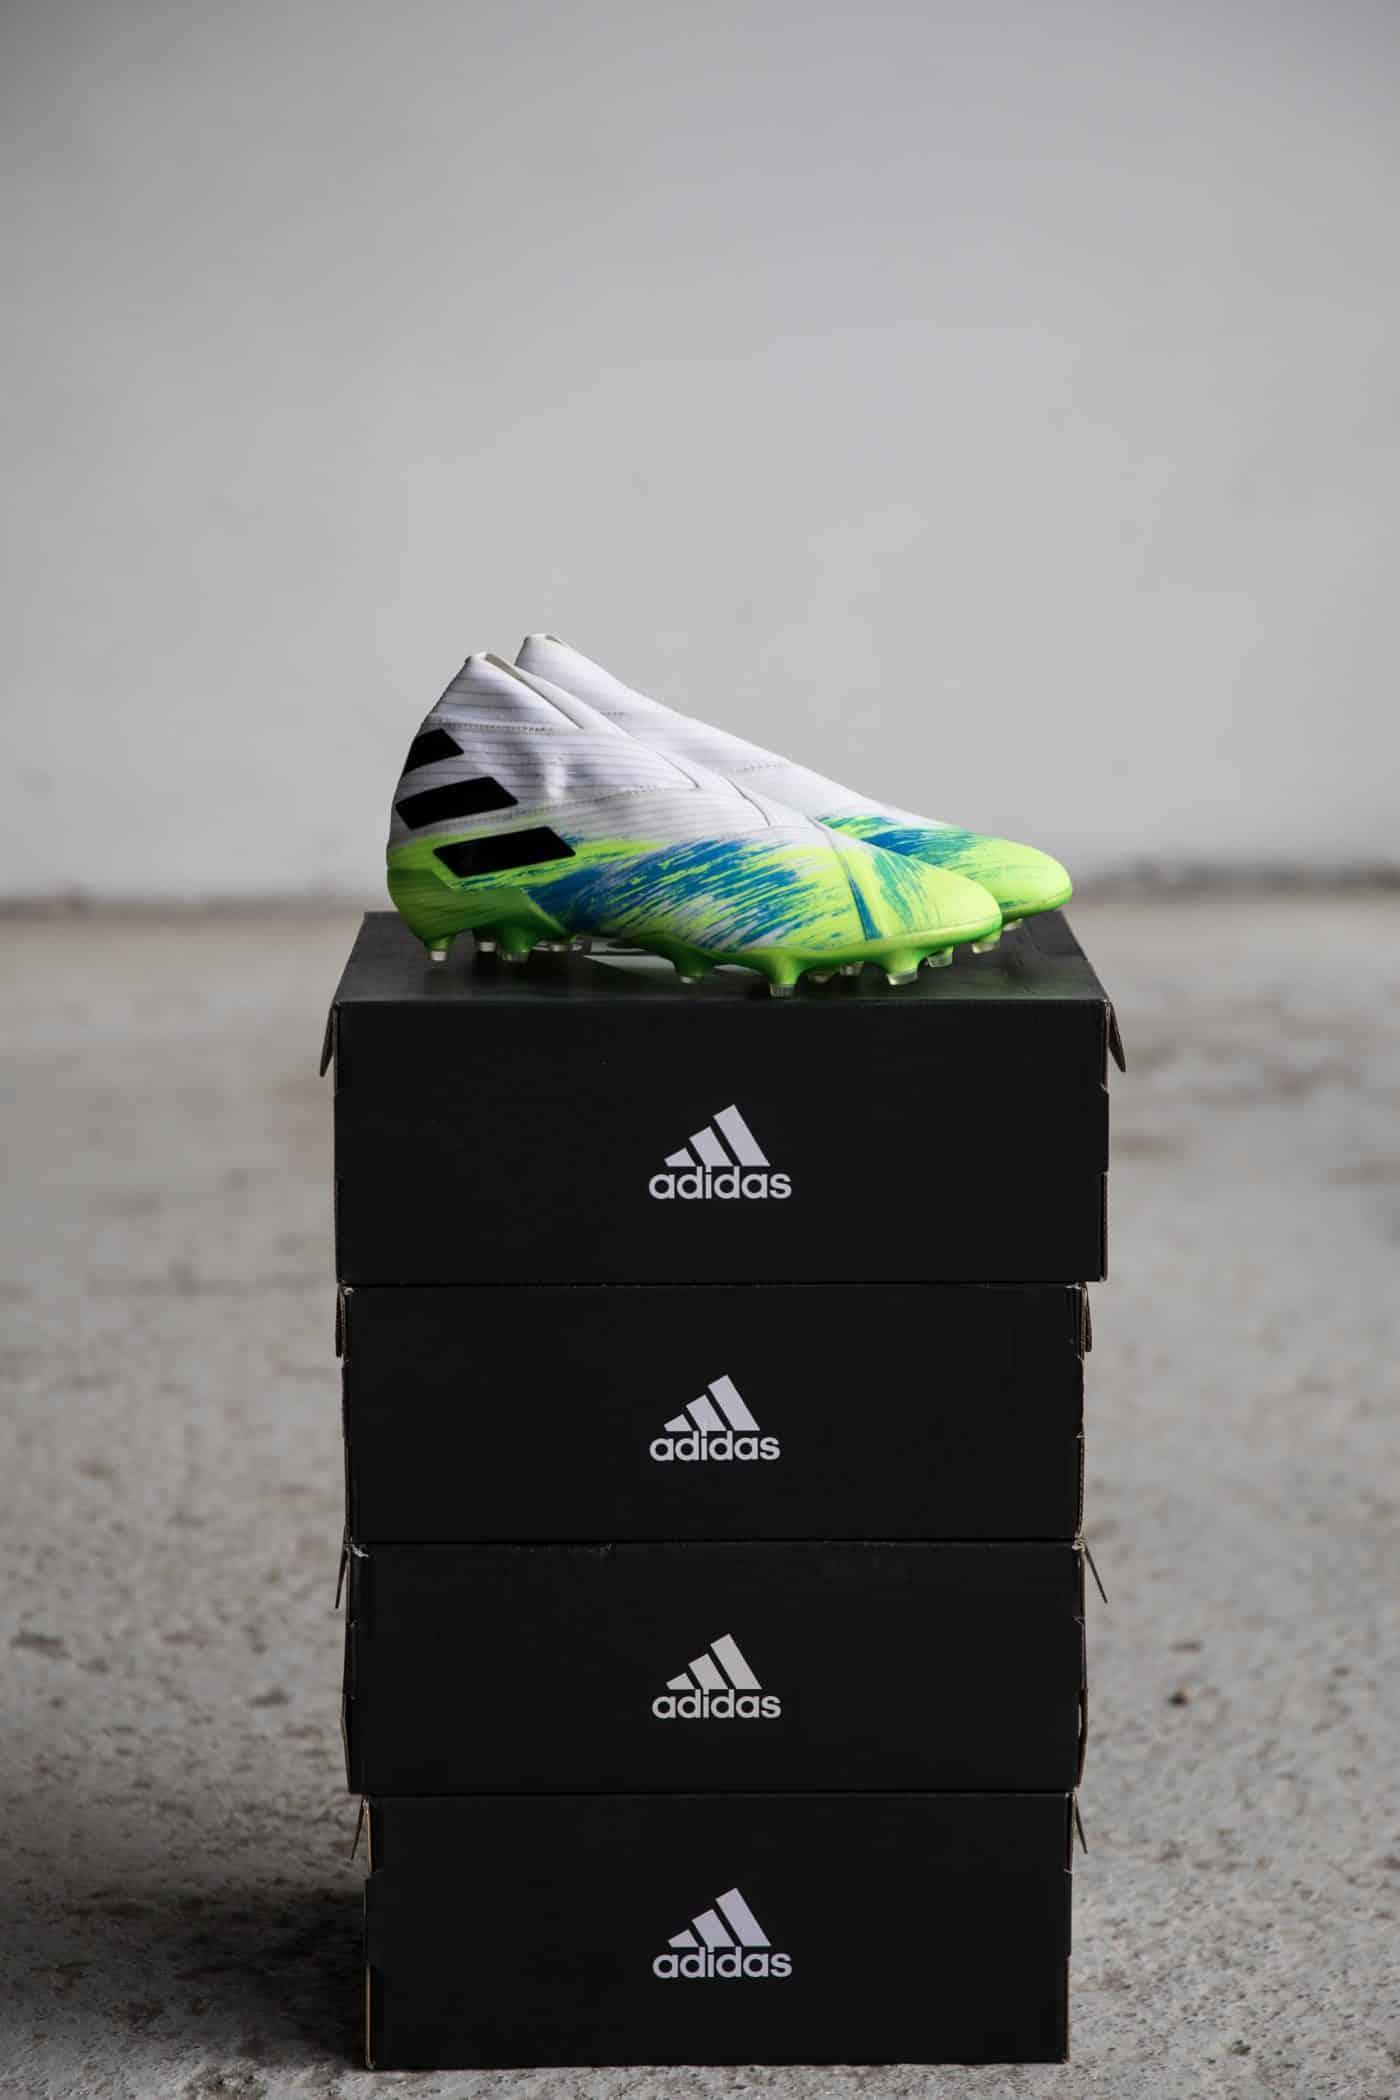 adidas-uniforia-pack-footpack-3